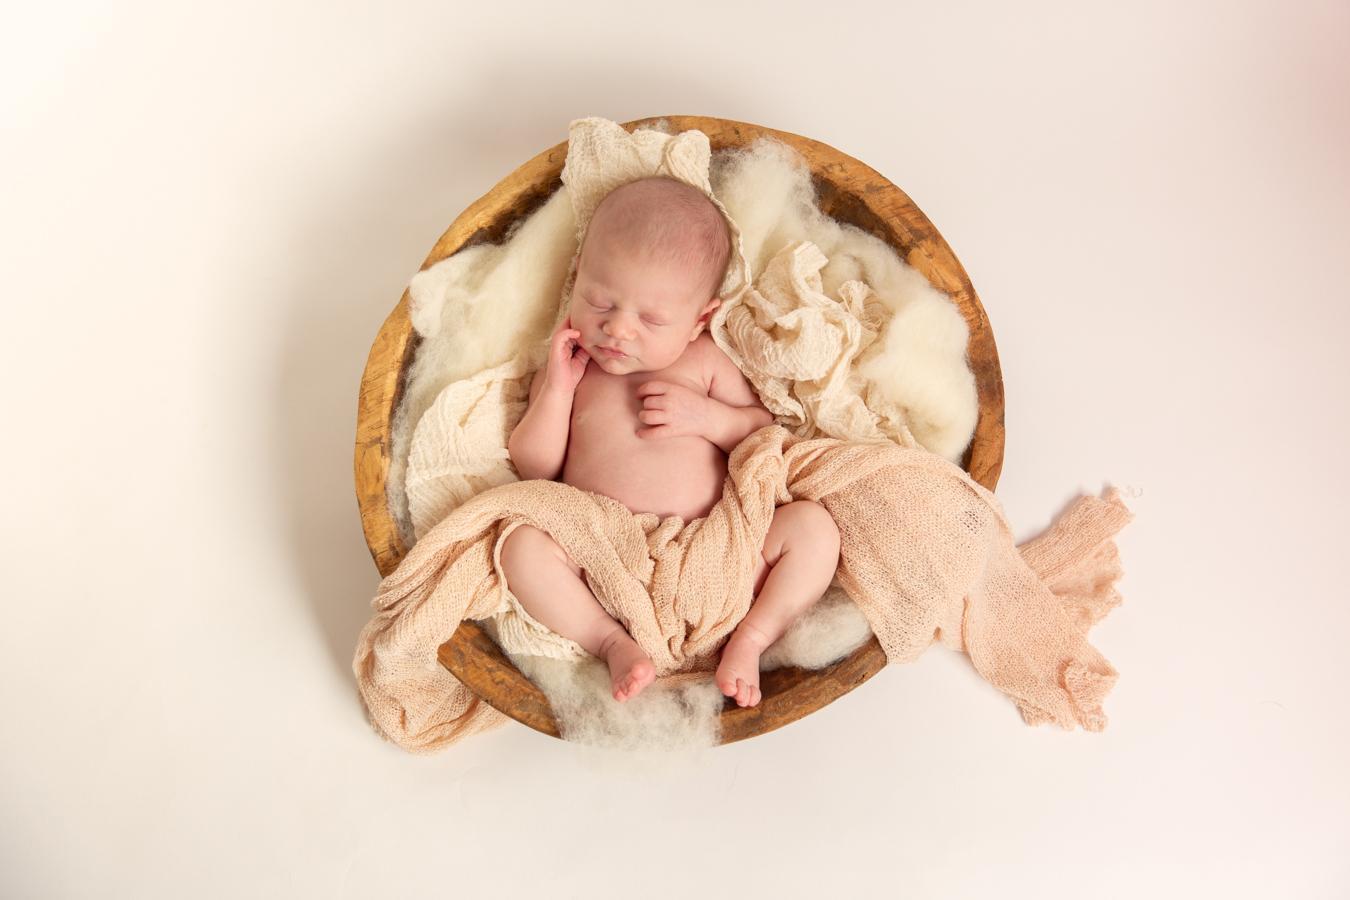 susanbonhoffotografie.newbornshoot.eerbeek-26.jpg